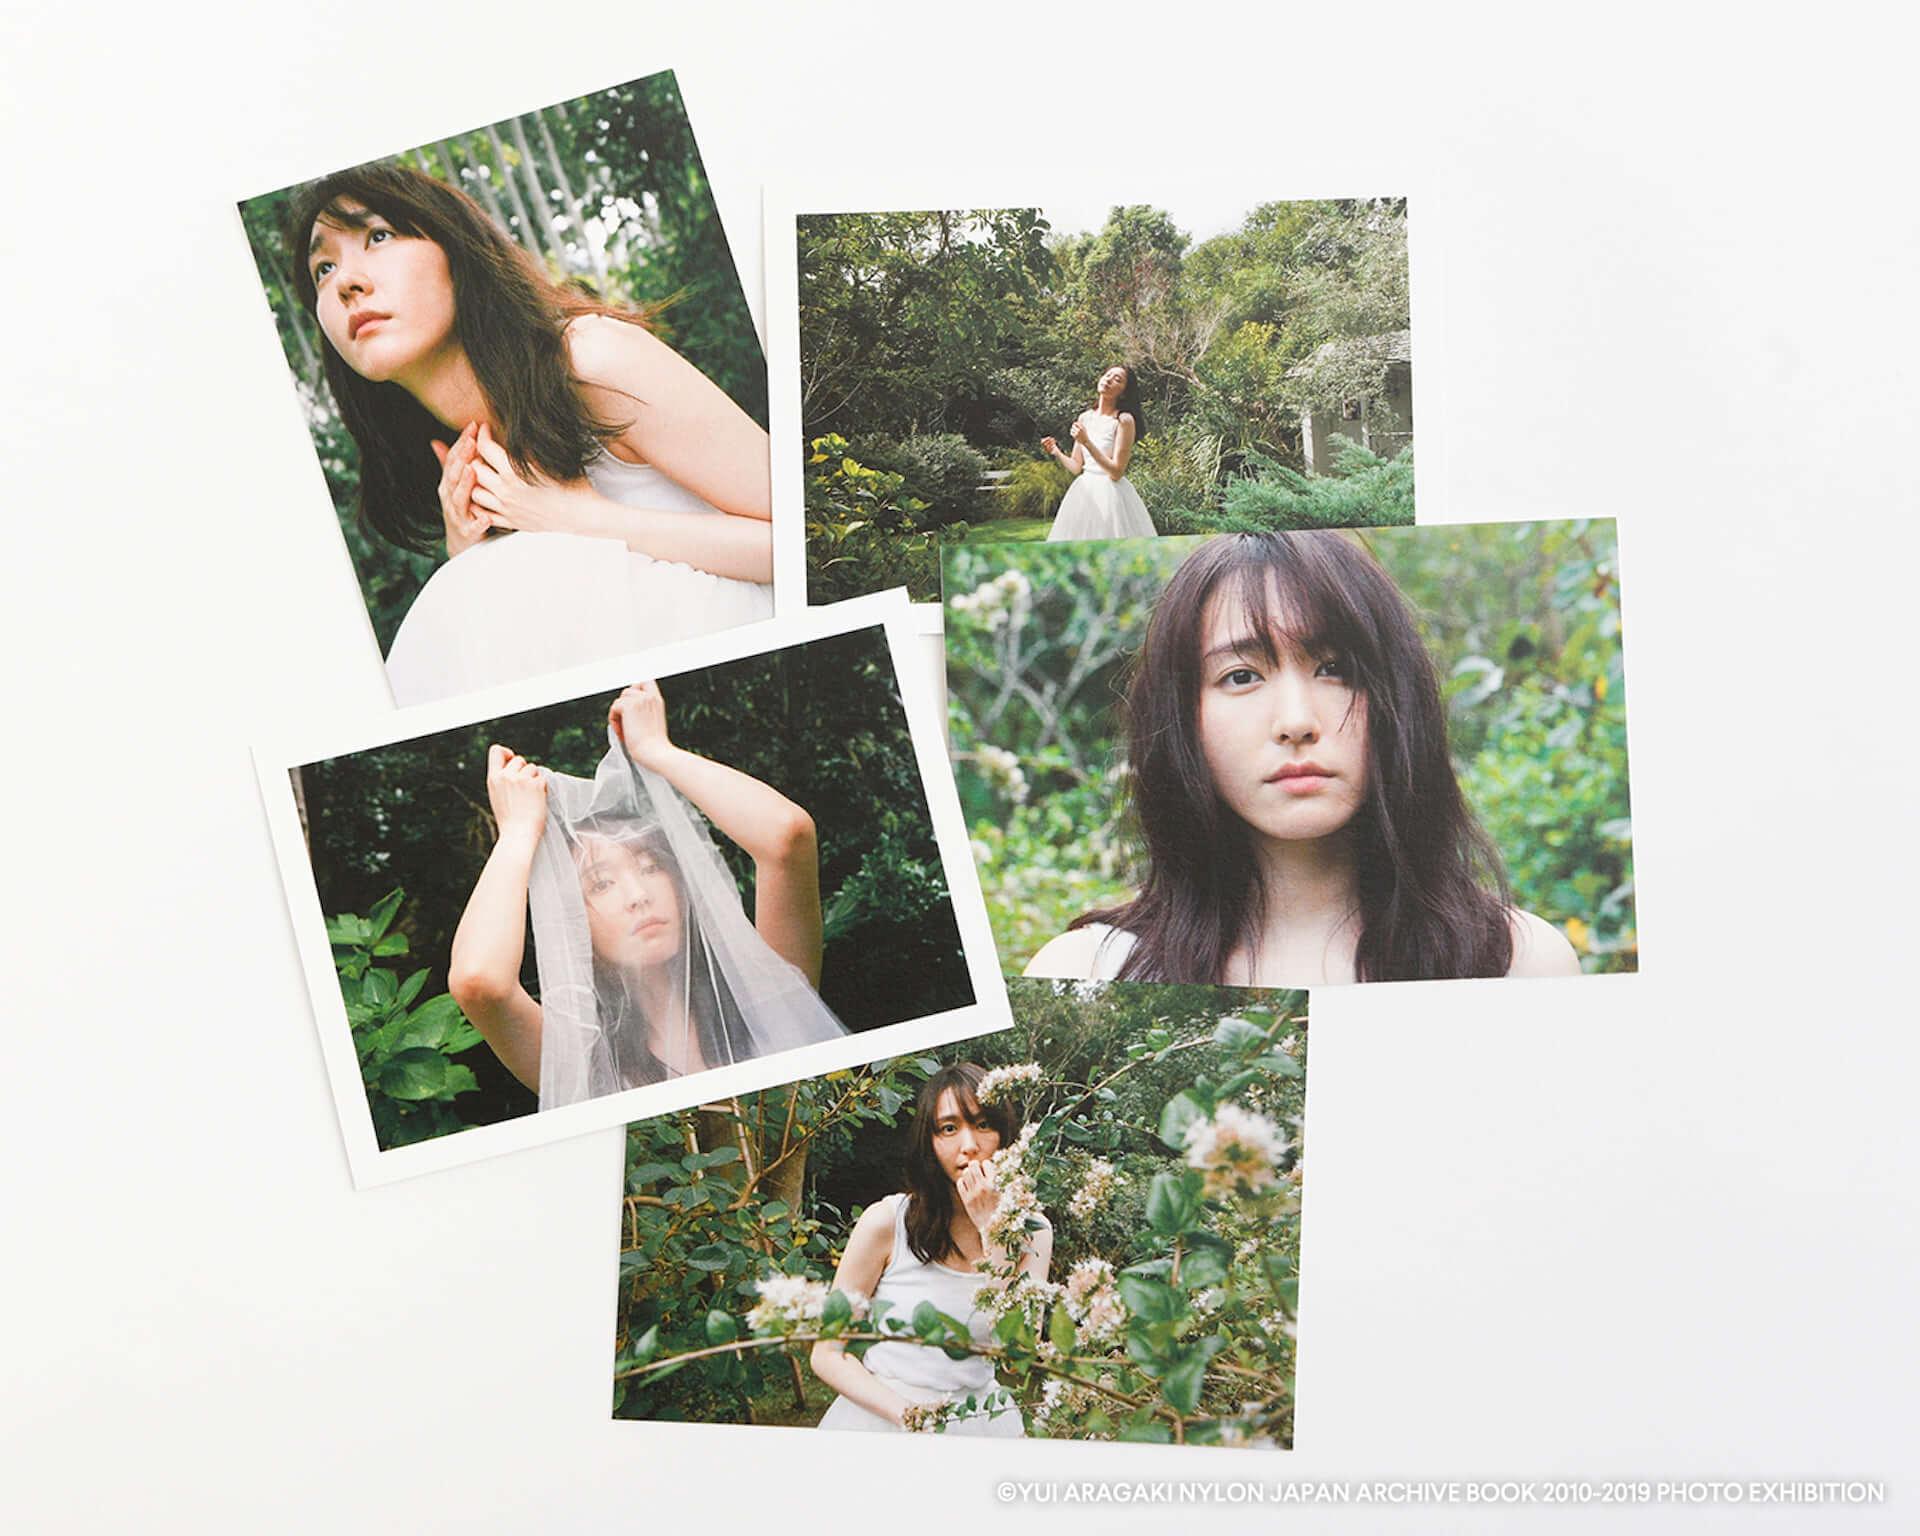 渋谷PARCOで大好評だった新垣結衣初の写真展が梅田ロフトでも開催決定!記念Tシャツ、トートバッグ、ポストカードも登場 art200803_yuiaragaki_1-1920x1536